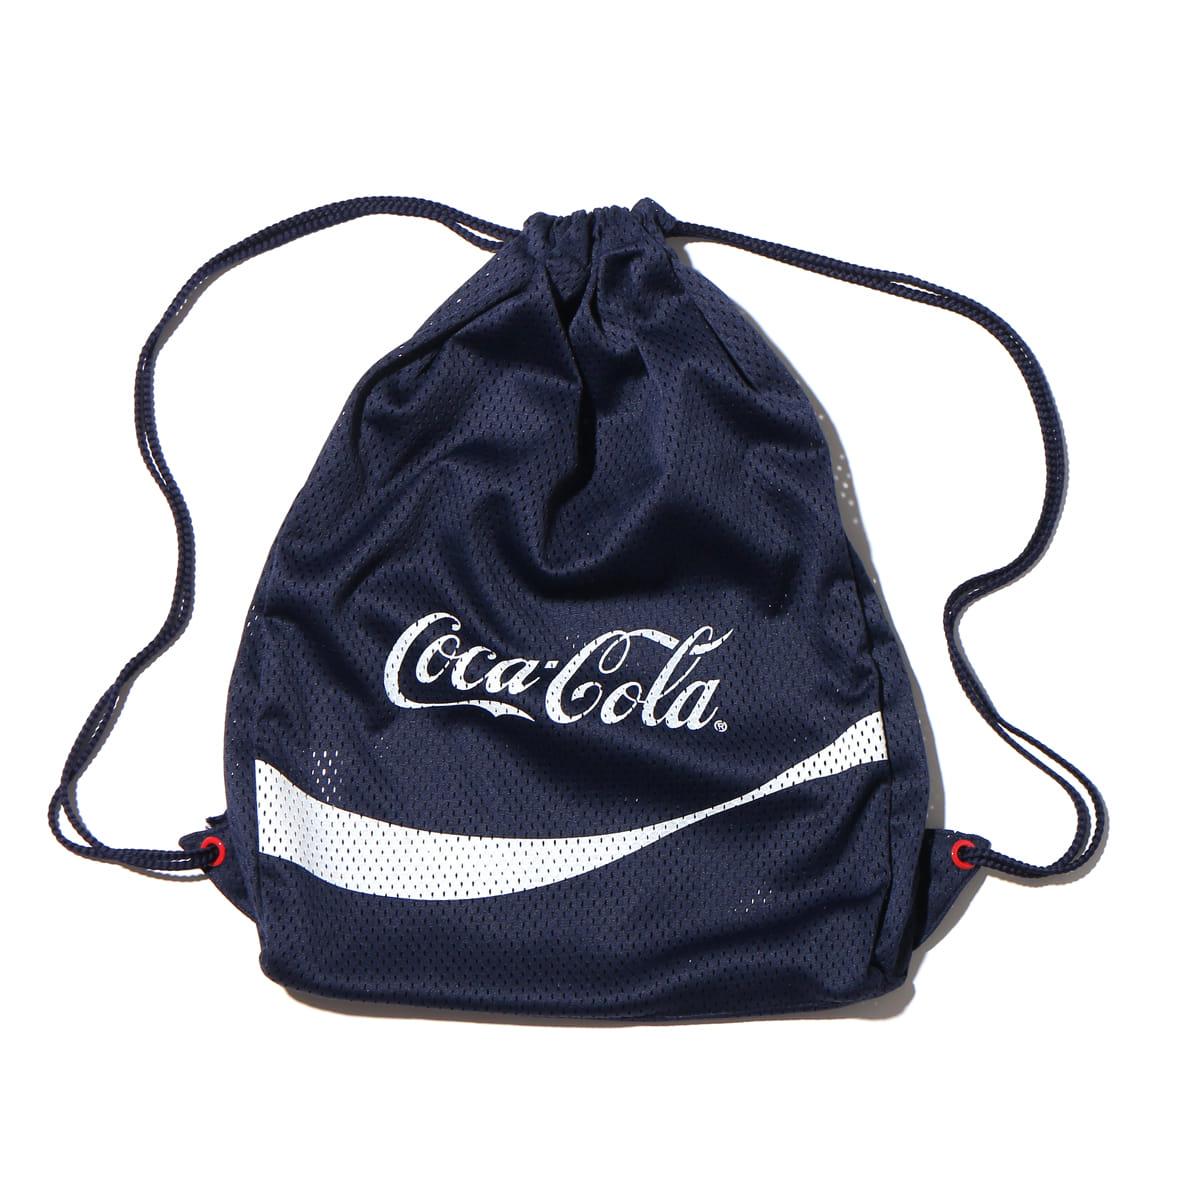 Coca-Cola×ATMOS LAB 待望のコラボ第2弾が発売決定!90'sライクなアイテムか満載のスポーティーなコレクション fashion180403_cola_ricky_sub03-1200x1200